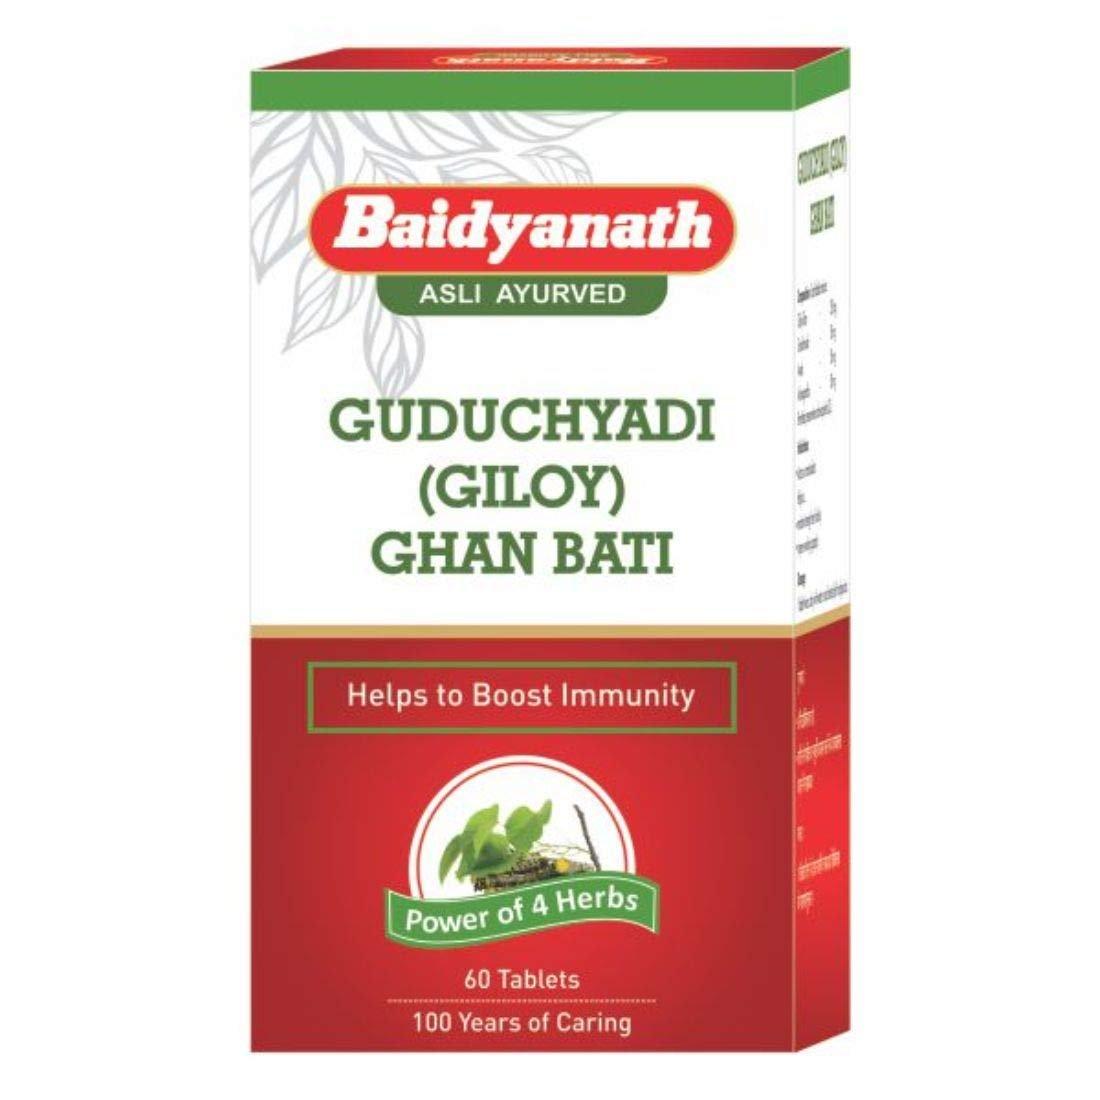 Baidyanath Guduchyadi Ghan Bati I For Vitality I Immunity Booster I 60 Tablets